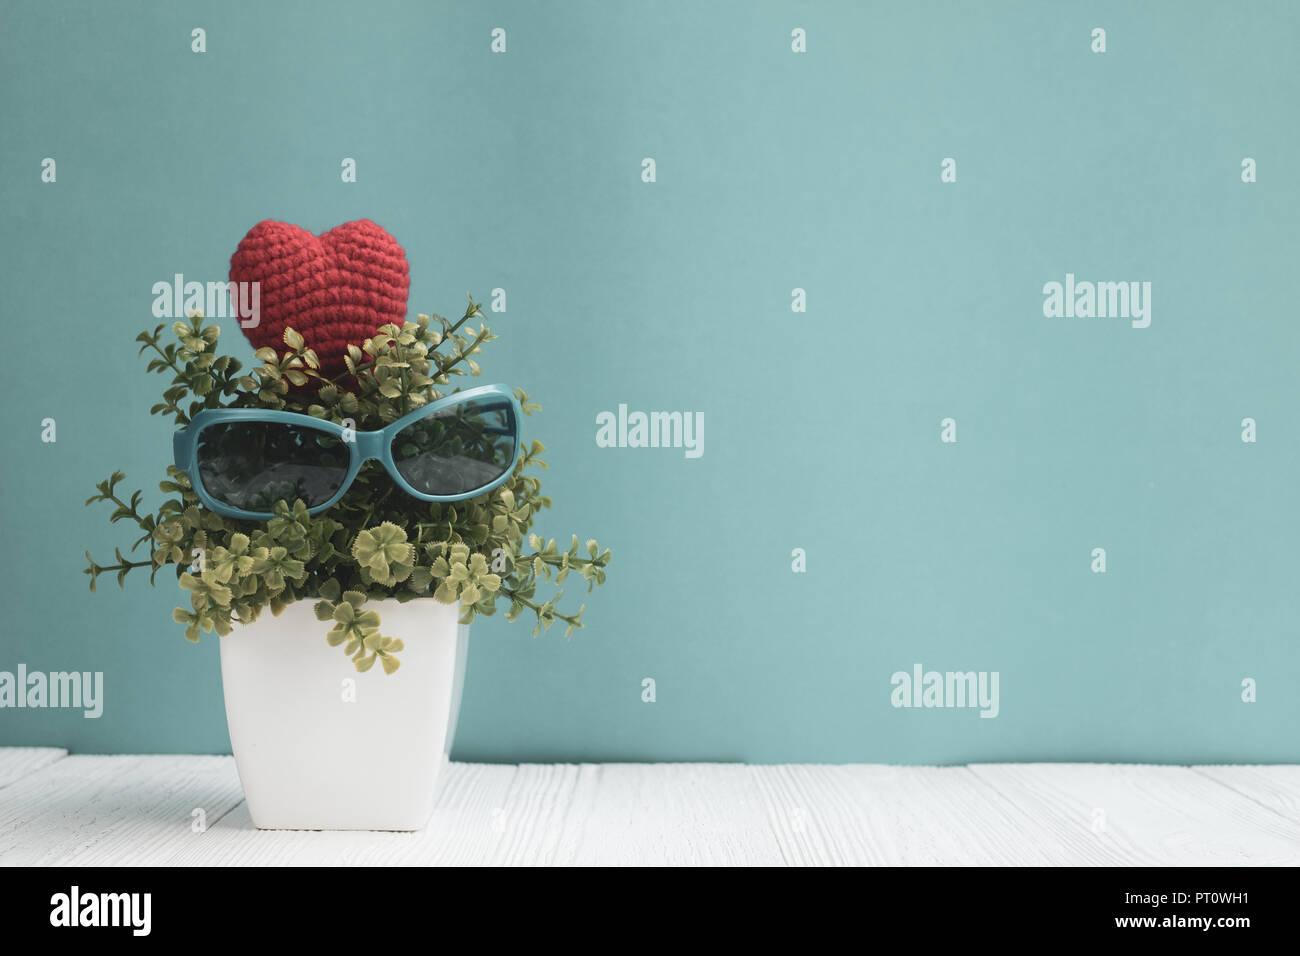 Arbre Bois Blanc Decoration lunettes bleu décoration avec peu d'arbre en vase blanc et